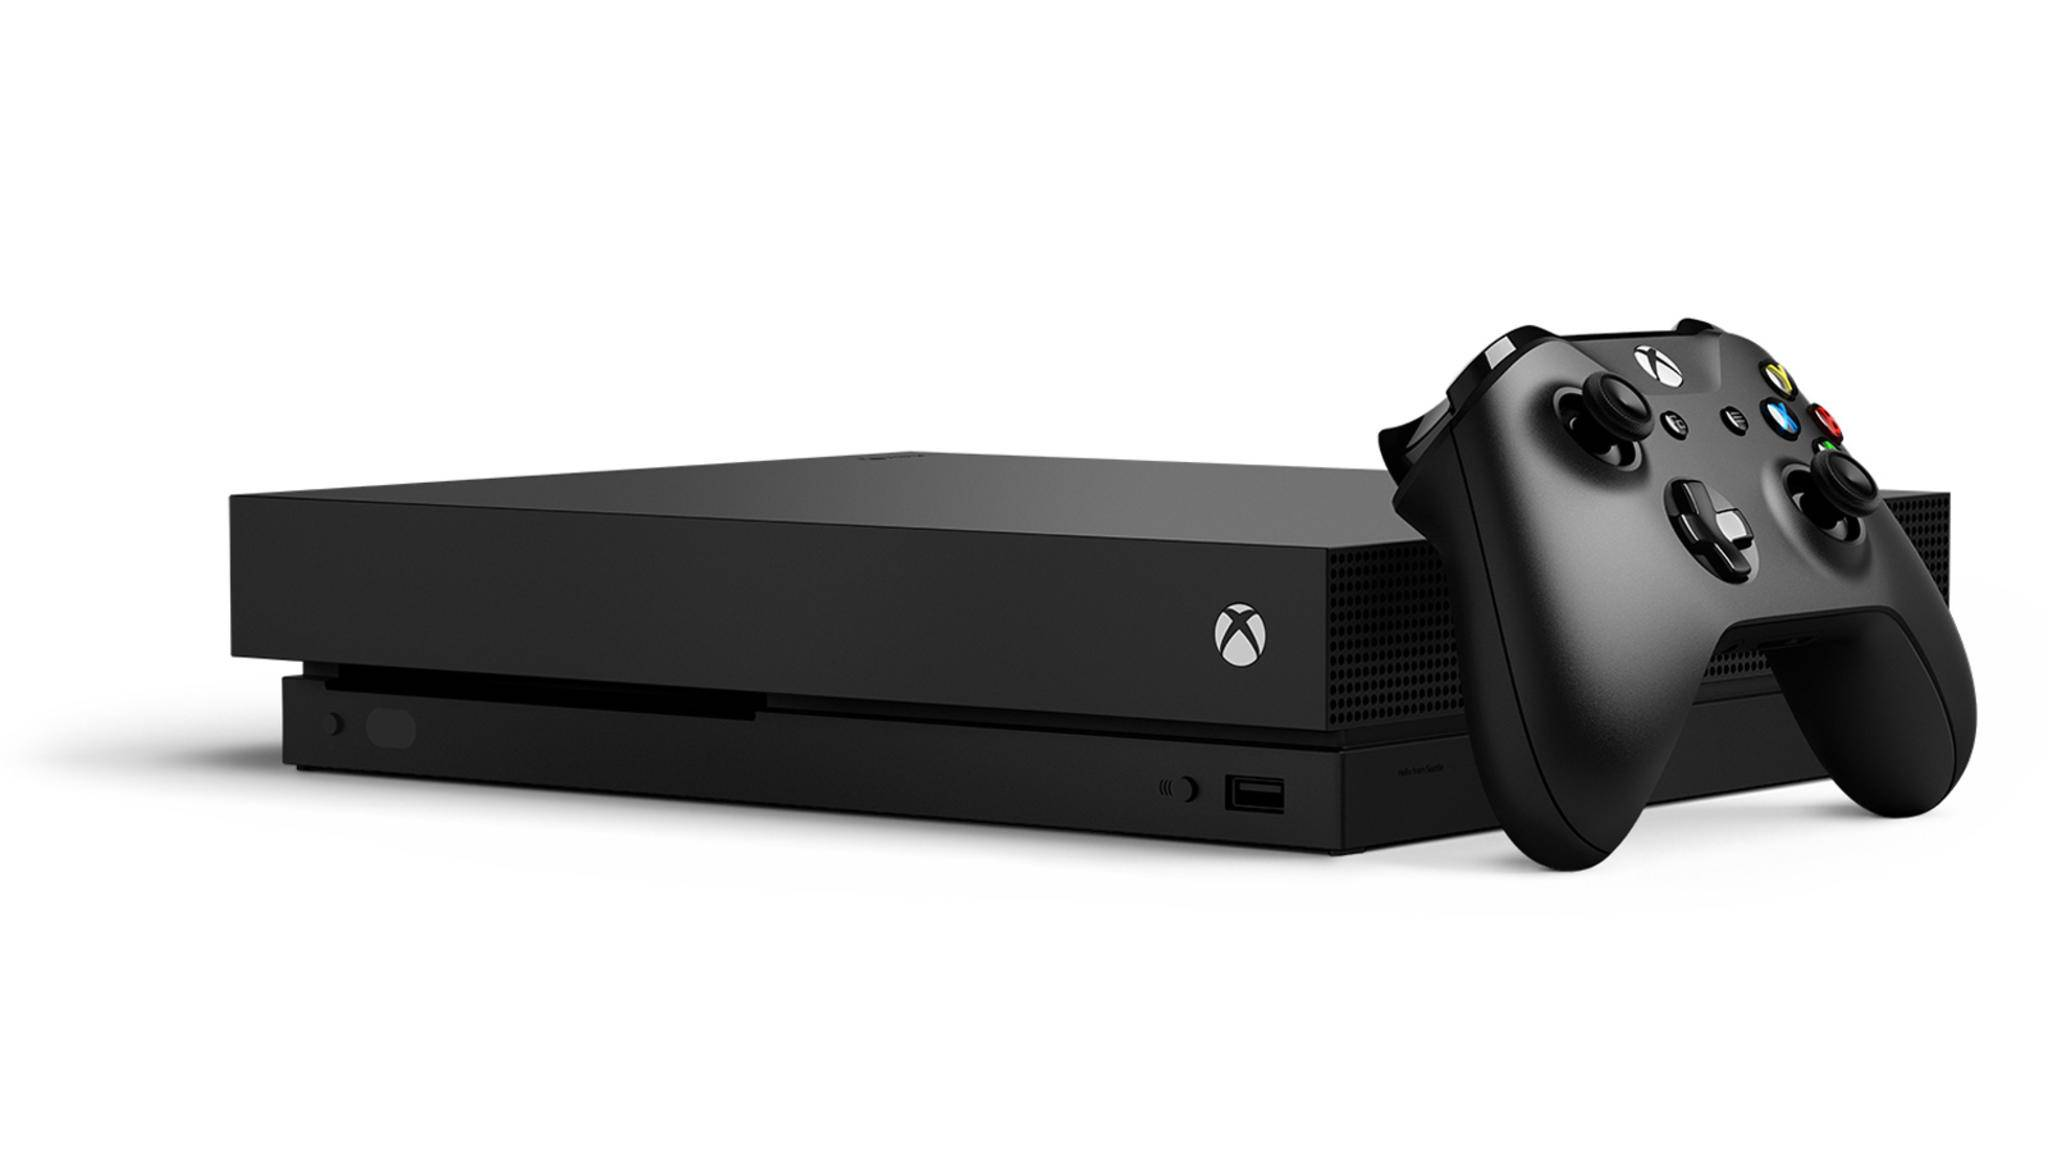 Um Spiele in nativem 4K wiederzugeben, lädt die Xbox One X einiges an Texturen nach.